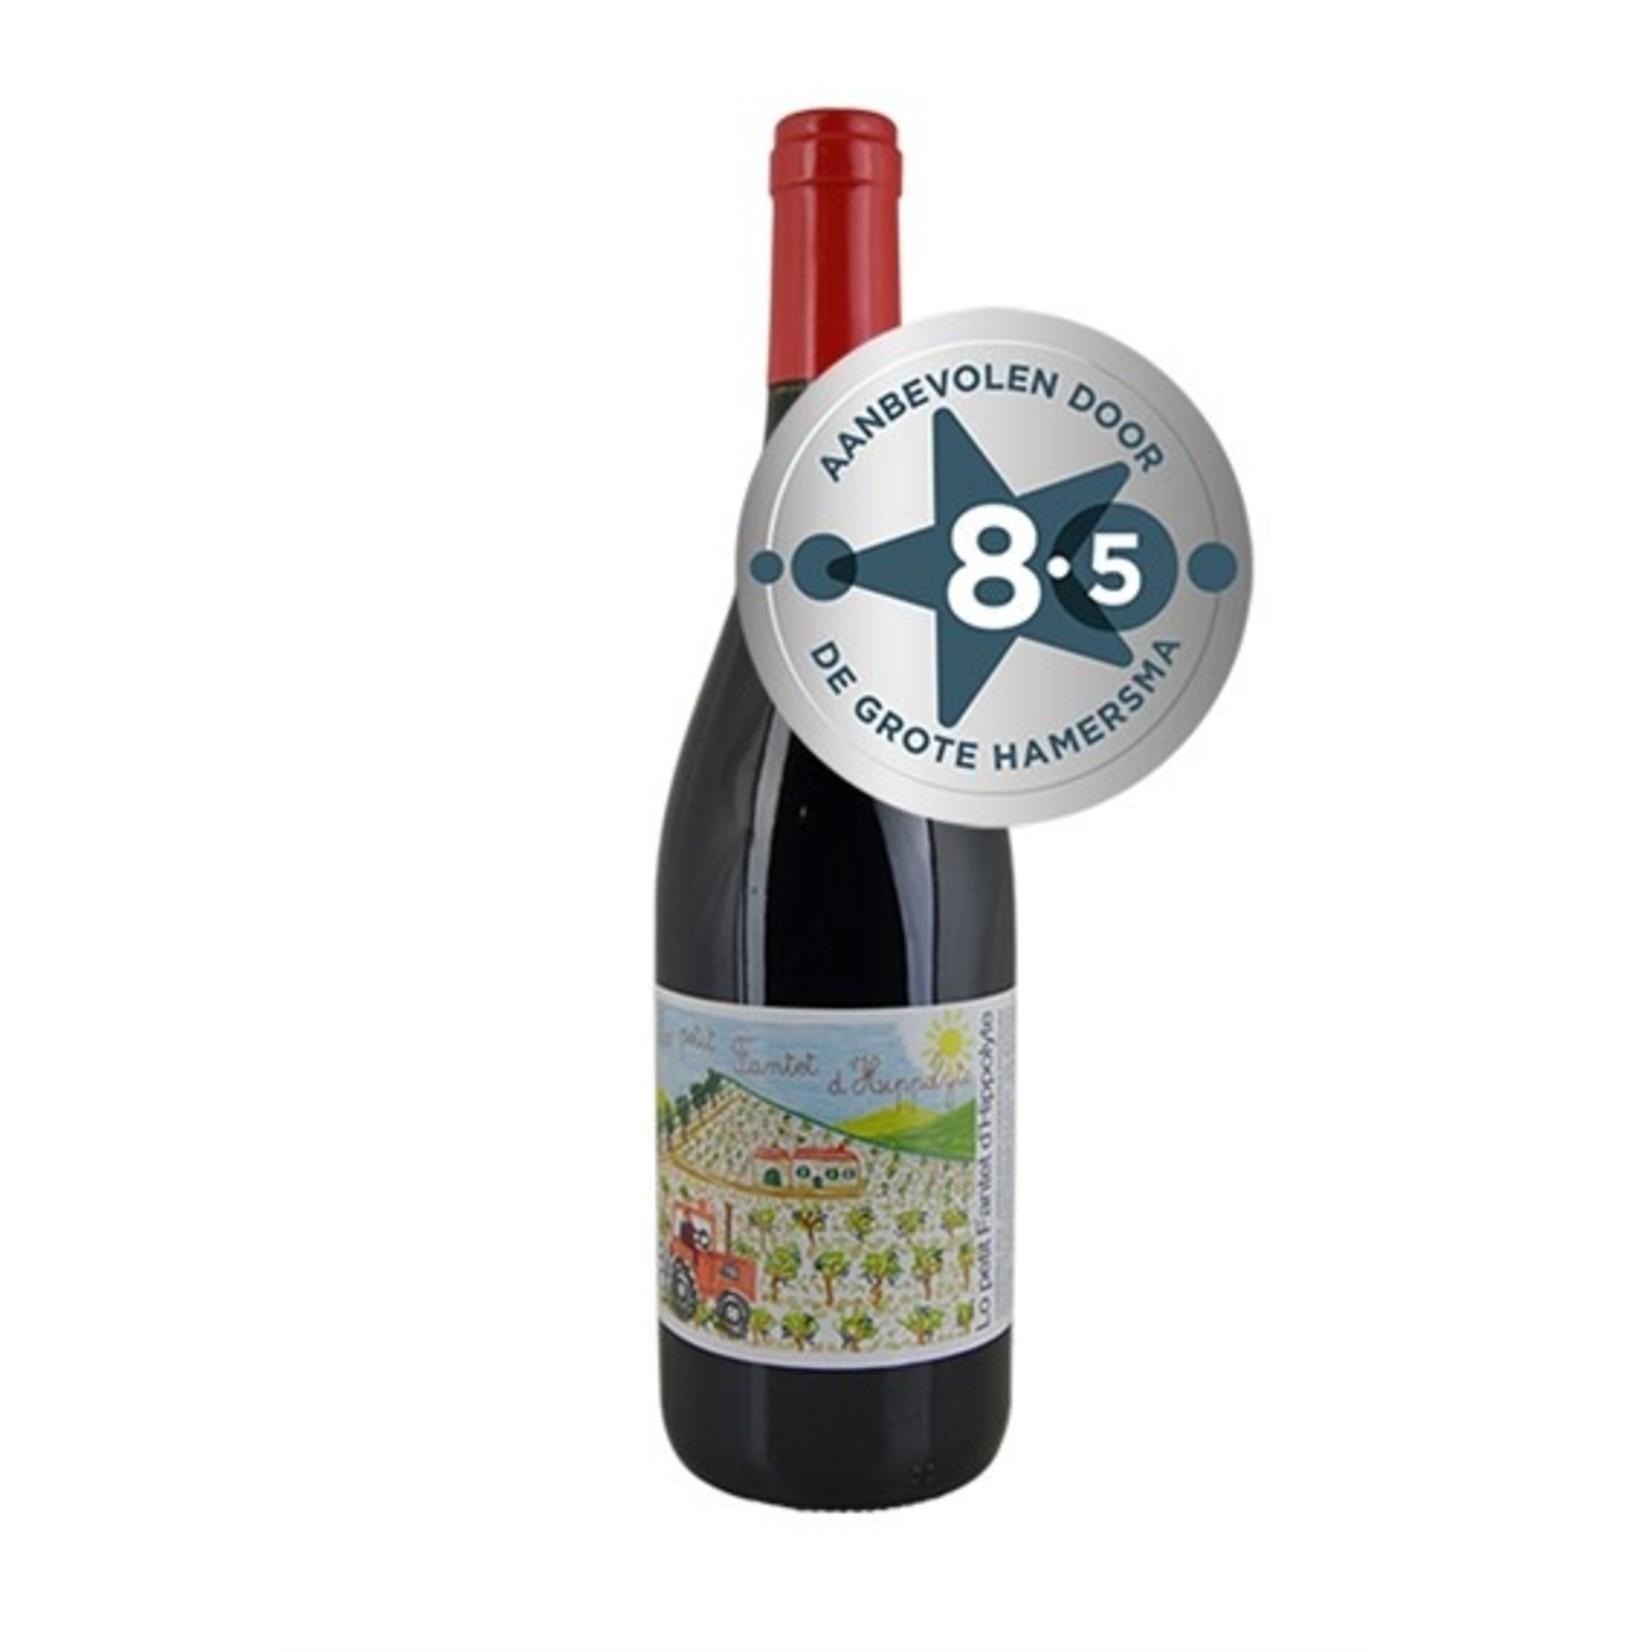 Ollieux Romanis Petit Fantet d'Hippolyte - Vin Nature, Corbières 2019